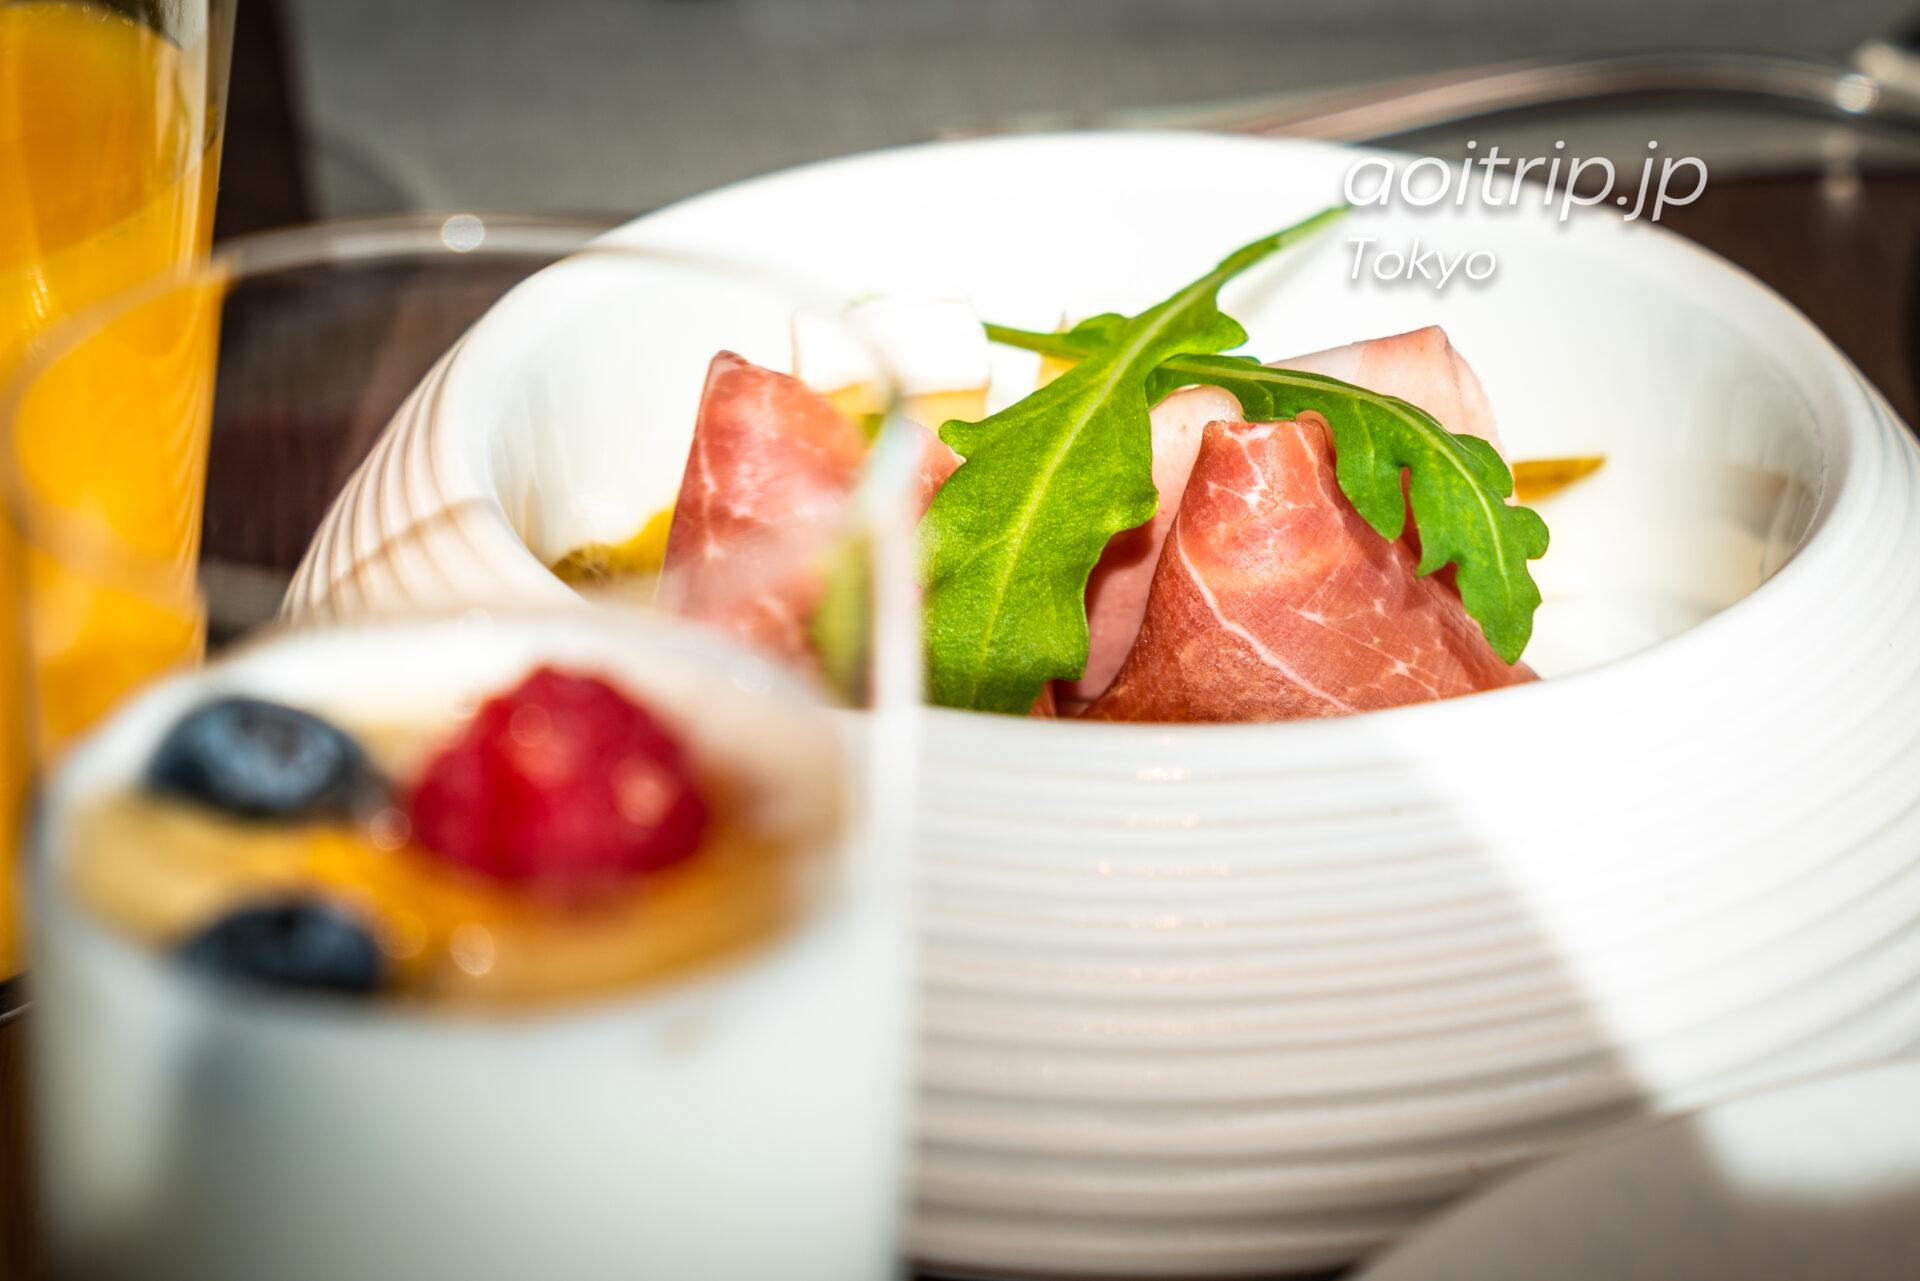 ザ リッツ カールトン東京の朝食 生ハムのサラダ